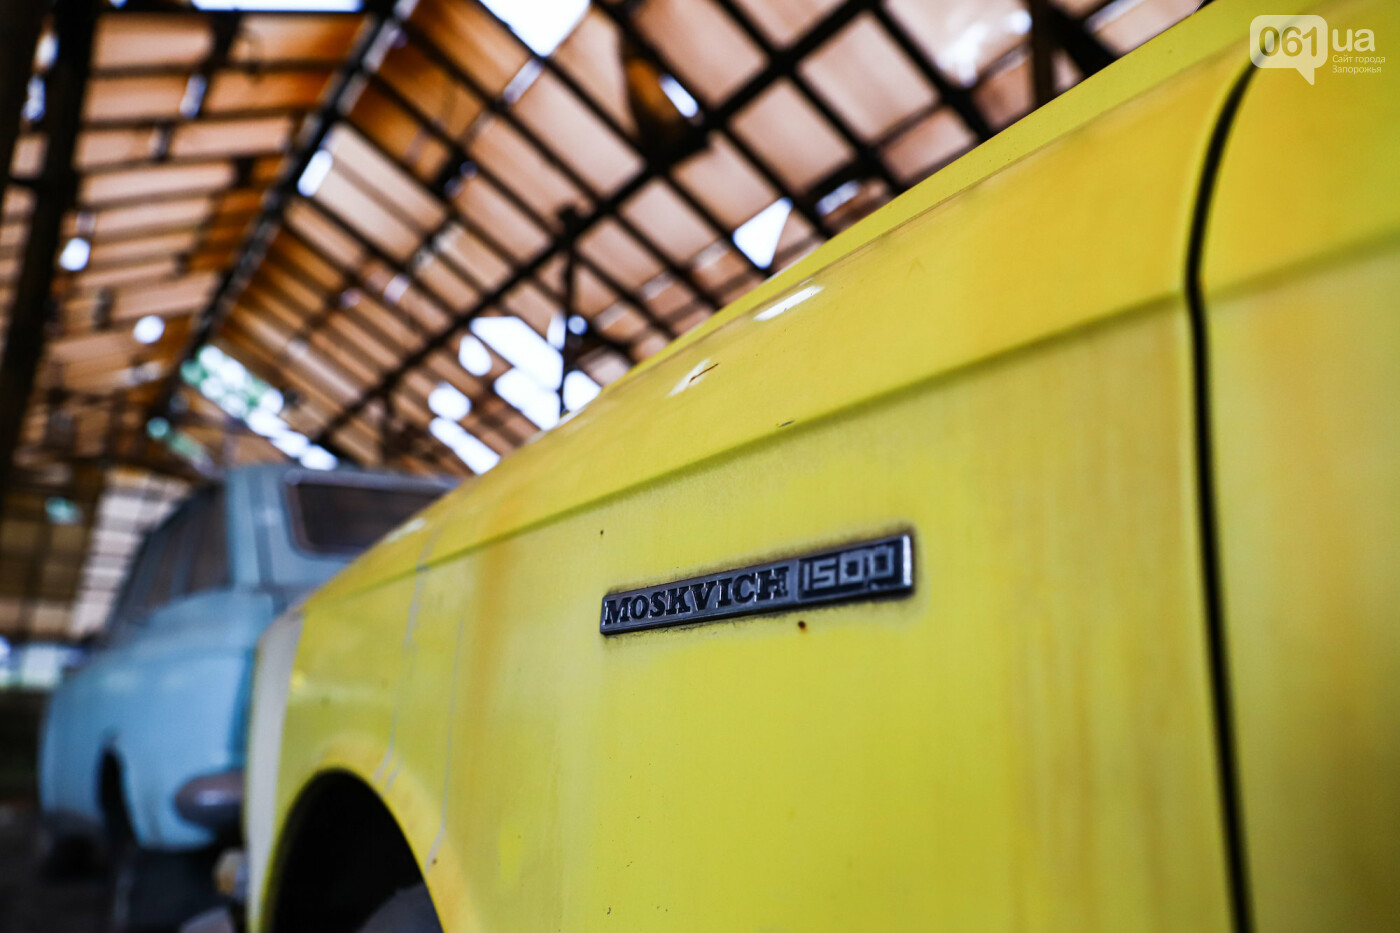 В Запорожье на месте зеленхоза одного из заводов появится Музей специального транспорта, - ФОТОРЕПОРТАЖ, фото-44